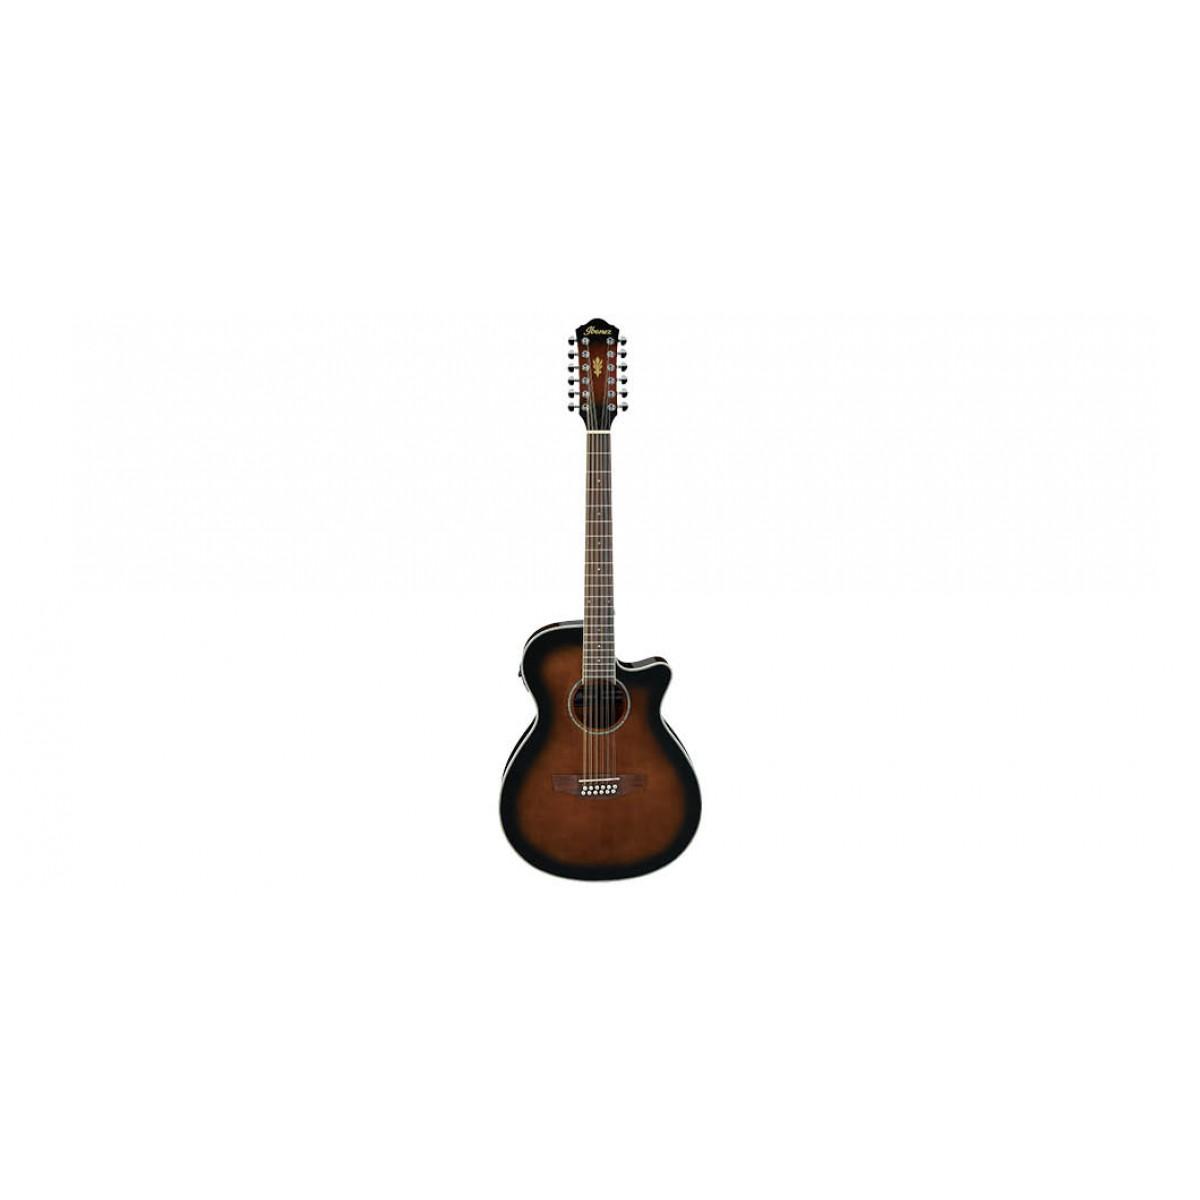 ibanez aeg1812ii dvs 12 string acoustic guitar. Black Bedroom Furniture Sets. Home Design Ideas